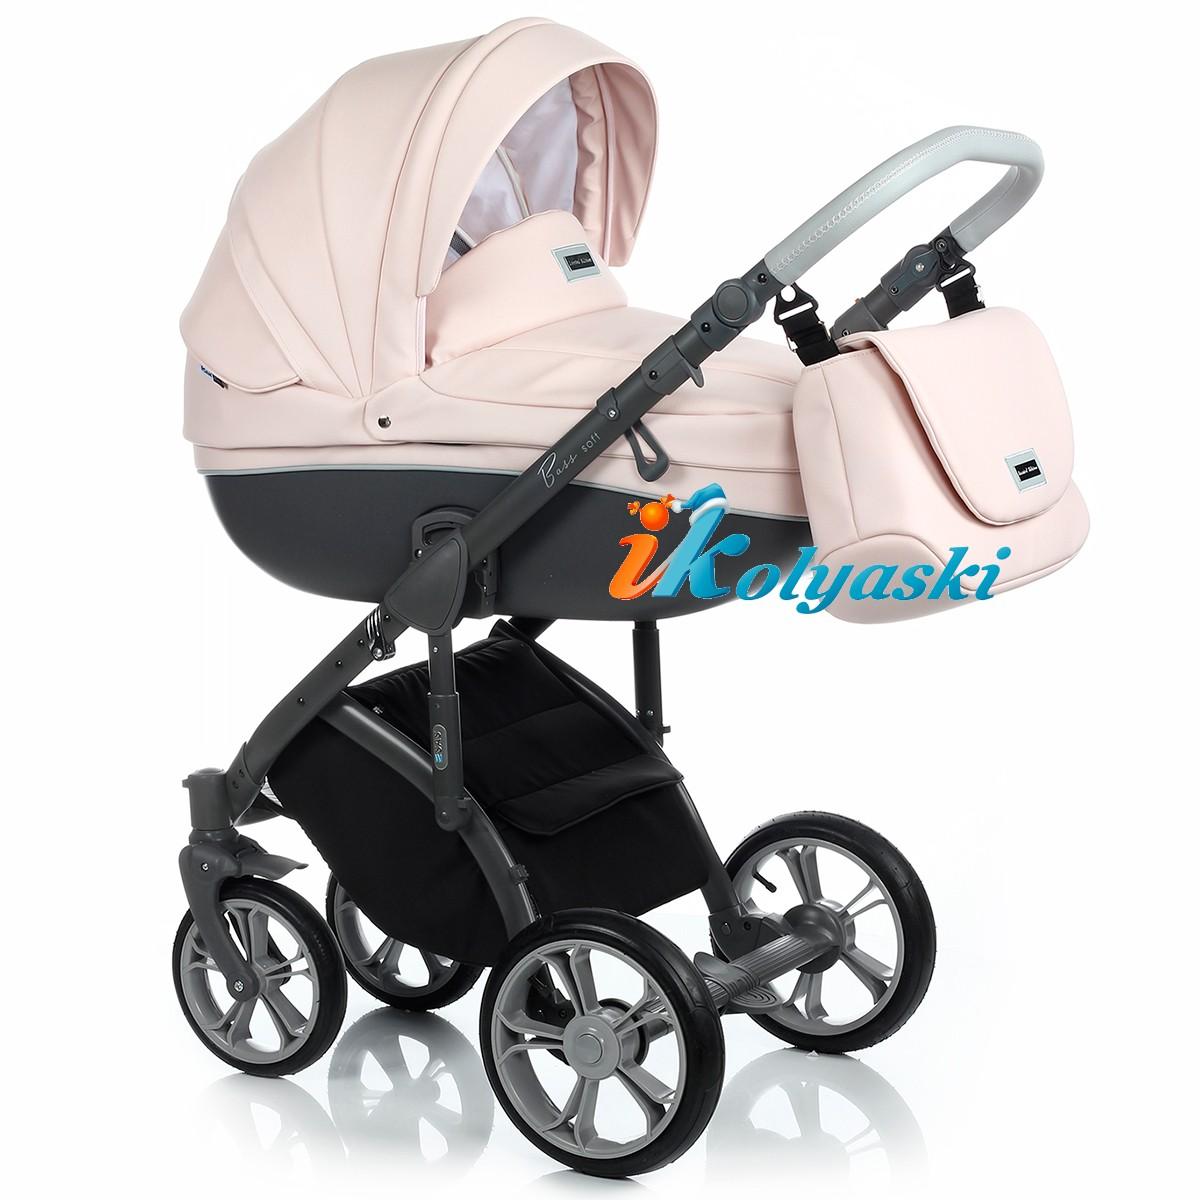 Roan Bass Soft LE Leather ROMANTIC PINC , Детская коляска для новорожденных, на поворотных колесах, 3 в 1 Roan Bass Soft LE - Роан Басс шасси Софт , обшивка люльки Эко-Кожа и джинс. Новинка 2018. Roan Bass Soft Leather, Детская коляска для новорожденных, детская коляска на поворотных колесах, коляски 3 в 1, коляска Roan Bass Soft, коляска Роан Басс Софт, коляски новинки 2018, детские коляски новинки 2018, коляски Roan, детские коляски роан купить